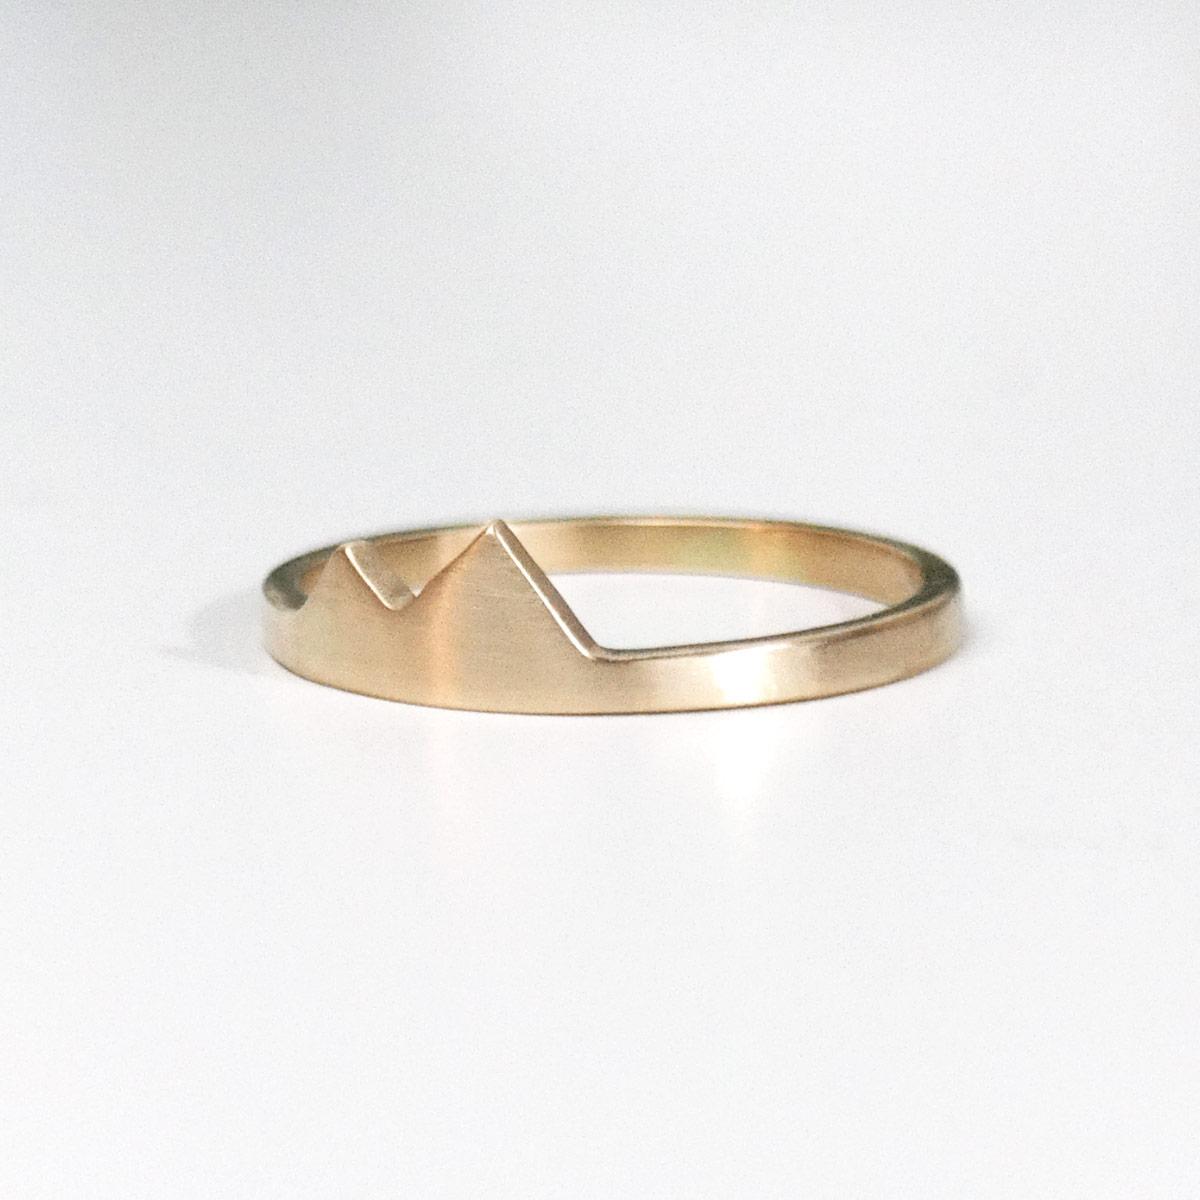 14k yellow gold mountain range ring